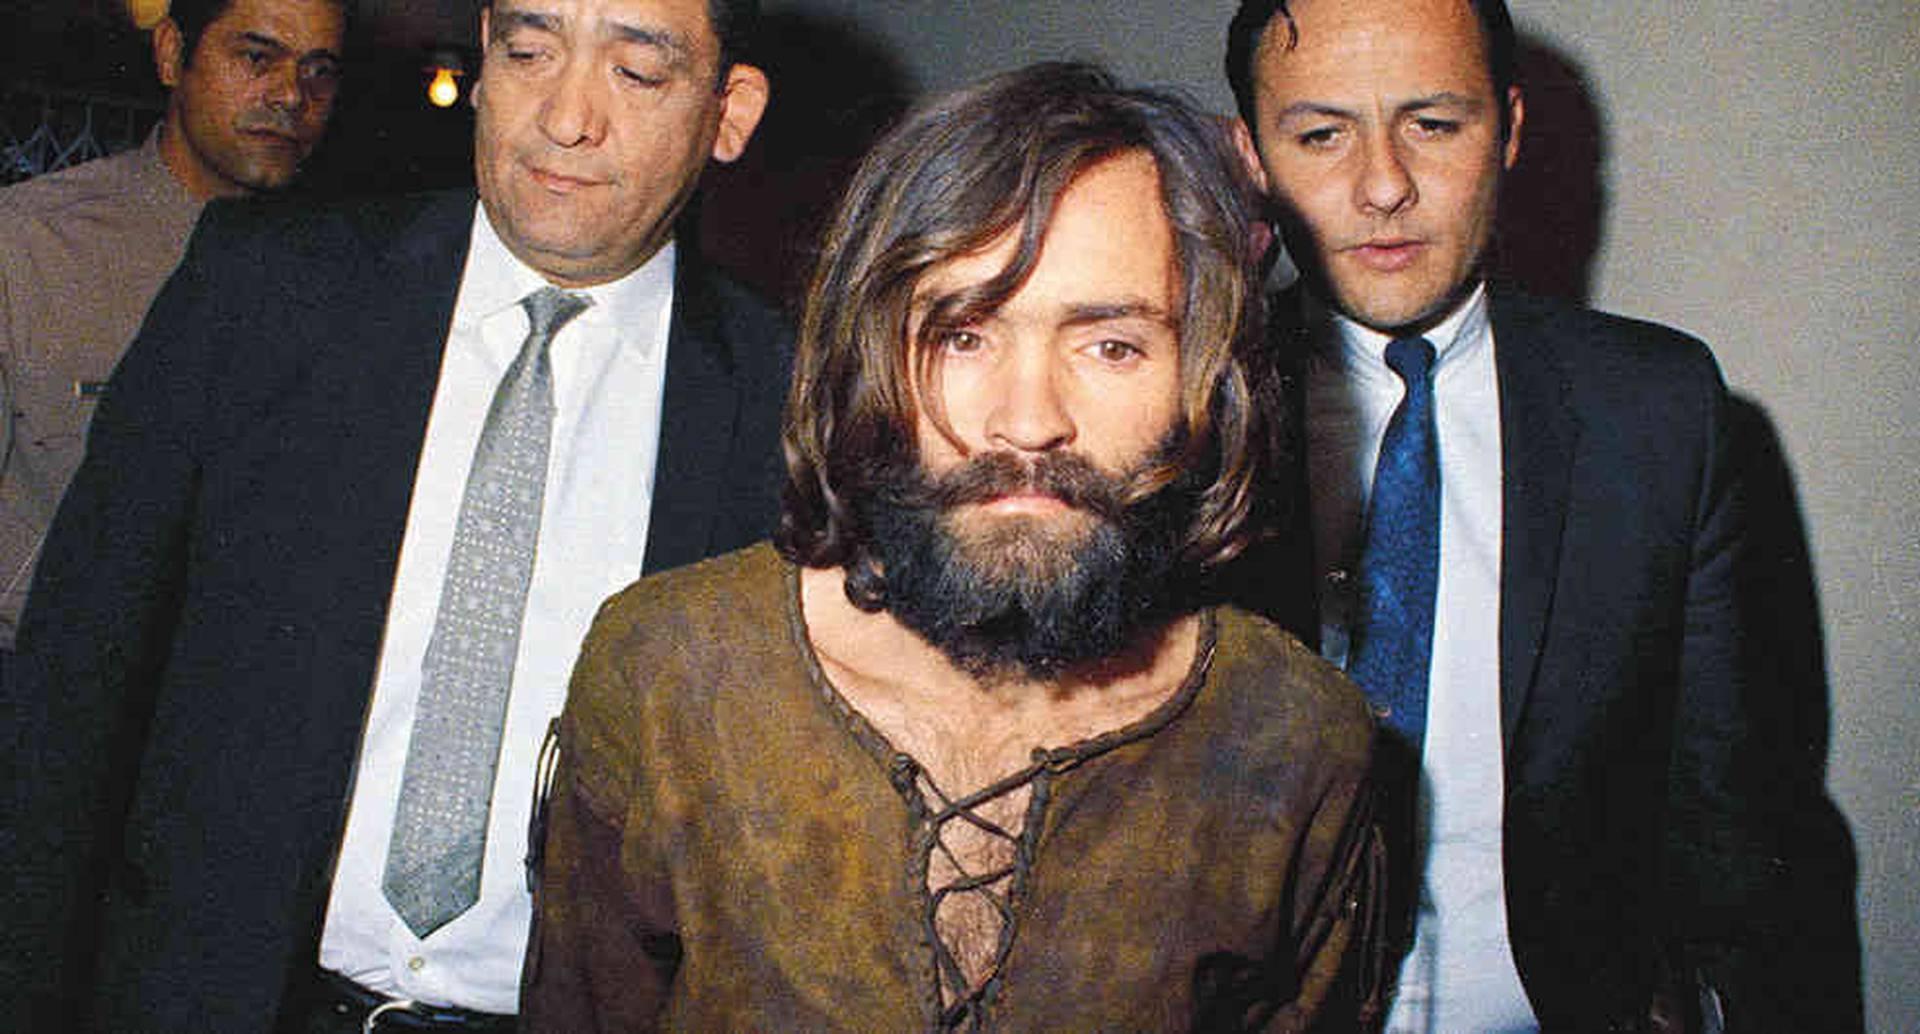 Manson, nacido en Ohio, tuvo una familia bastante disfuncional. Nunca conoció a su padre y su madre, quien lo tuvo a los 17 años, robaba. De hecho, obtuvo su famoso apellido de un padrastro.